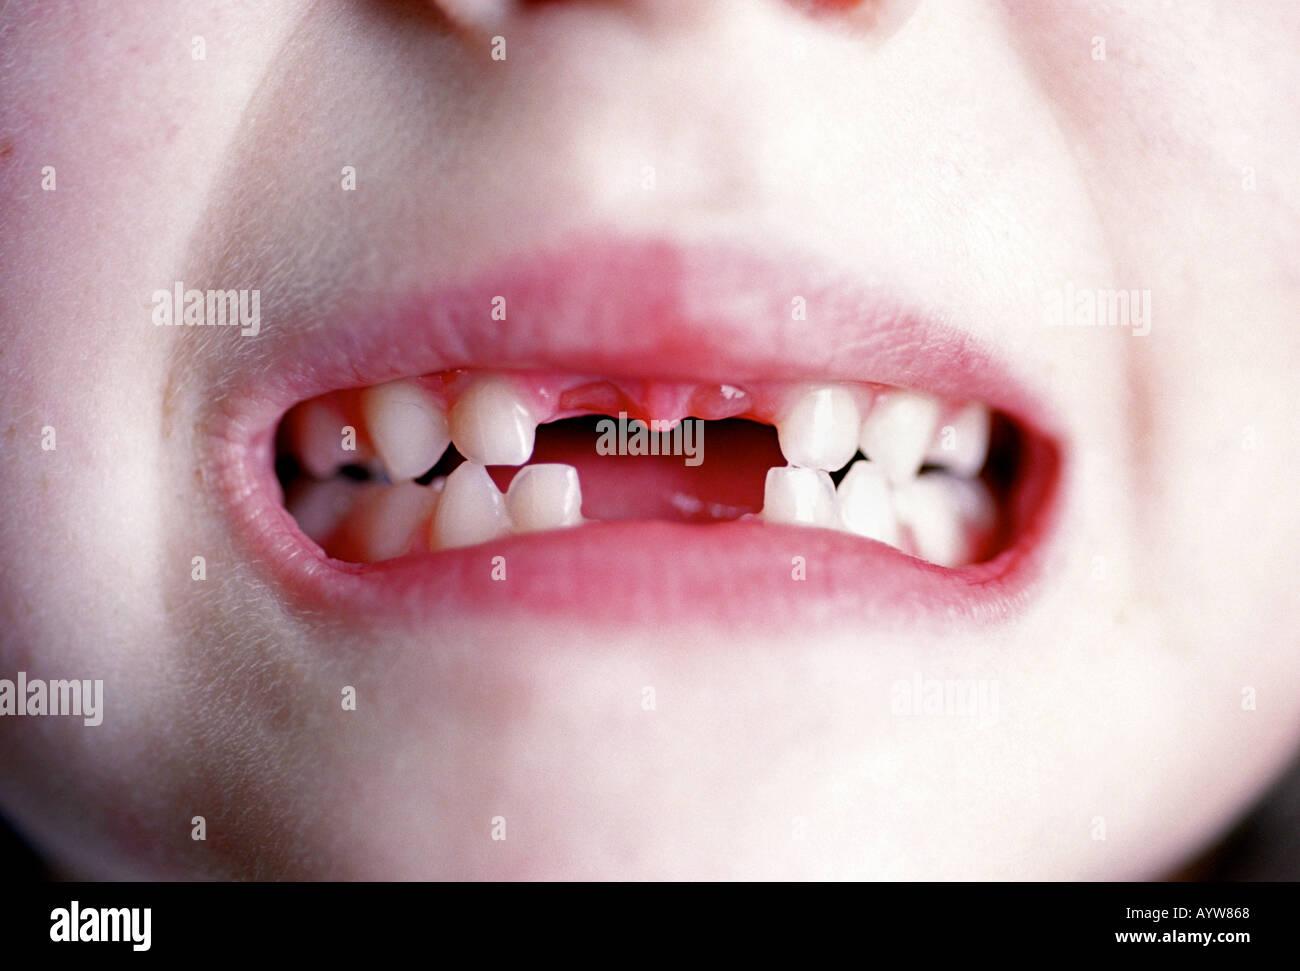 Una giovane ragazza che mostra la sua anteriore mancanti due denti superiori e inferiori Foto Stock